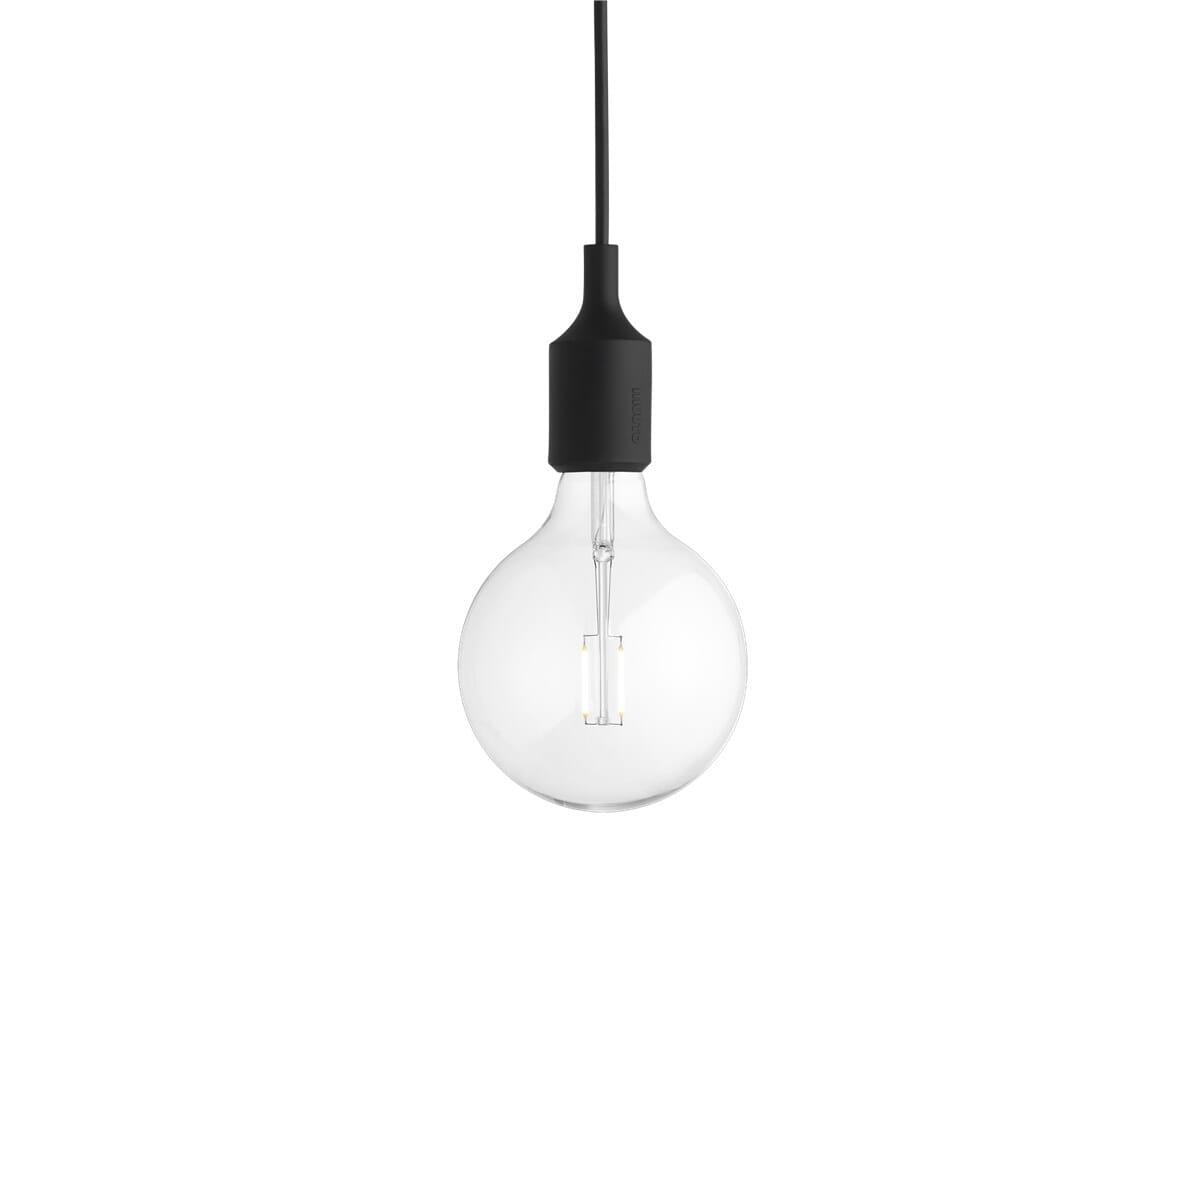 Muuto Lyspære til E27 lampen LED Lunehjem.no Interiør